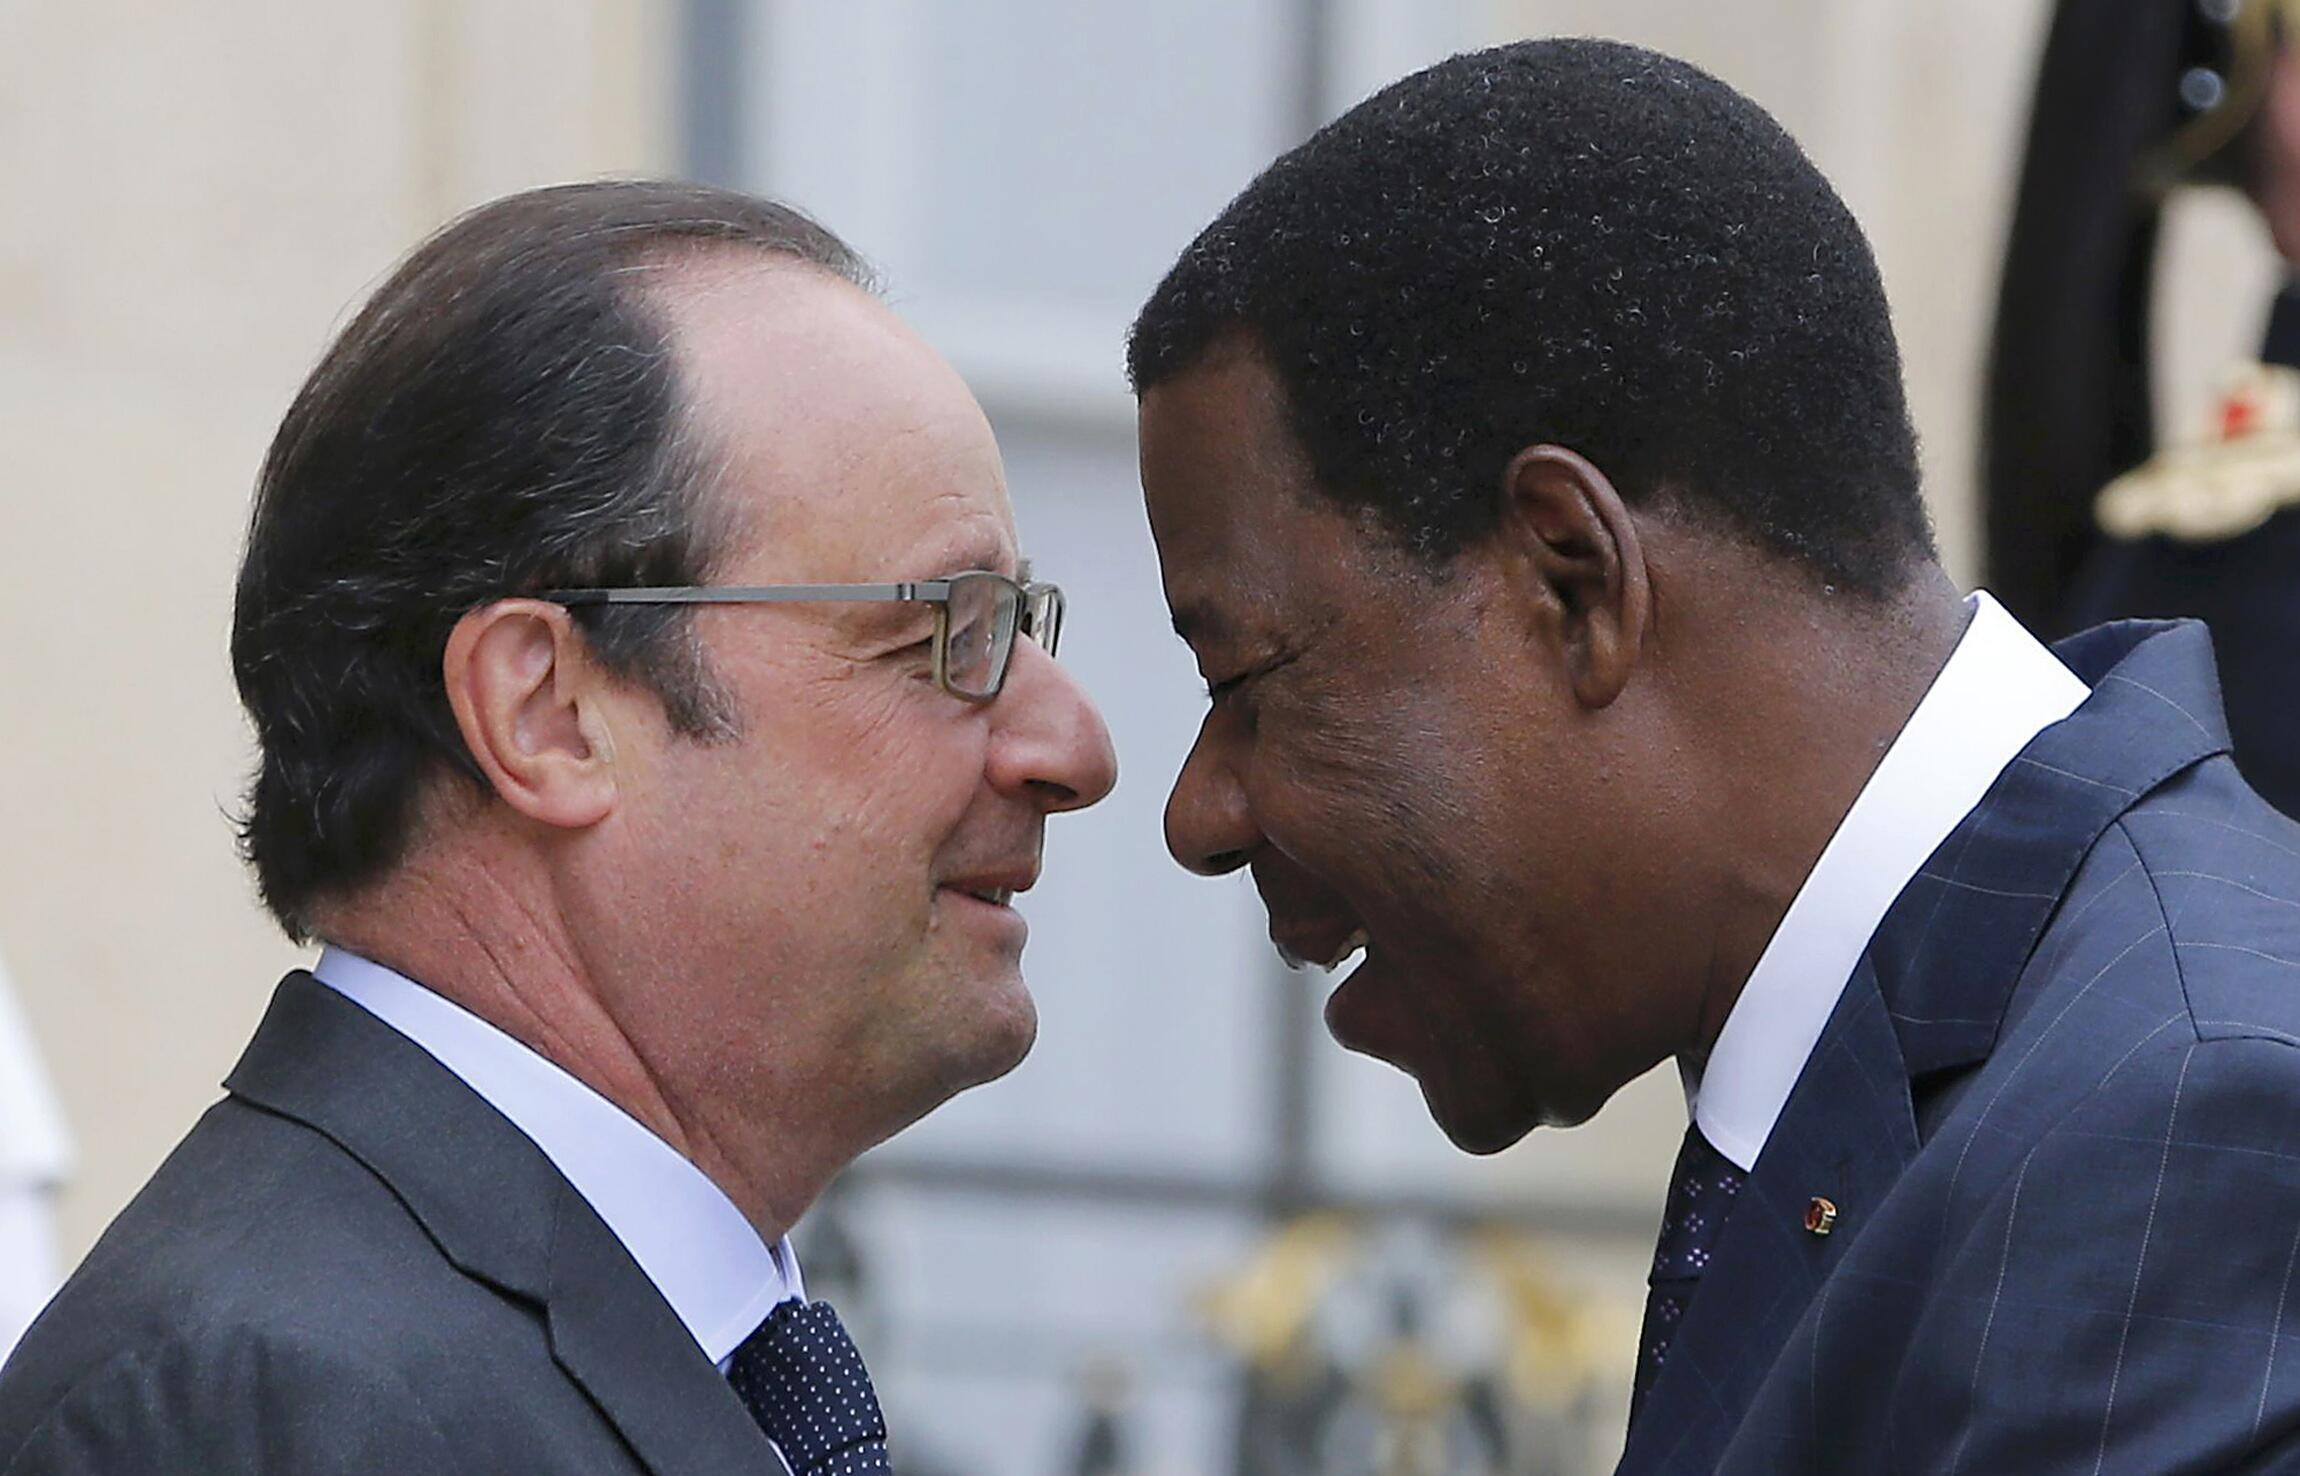 Le président français, François Hollande et l'ancien président du Benin Boni Yayi, à l'Elysée, 18 août 2015.